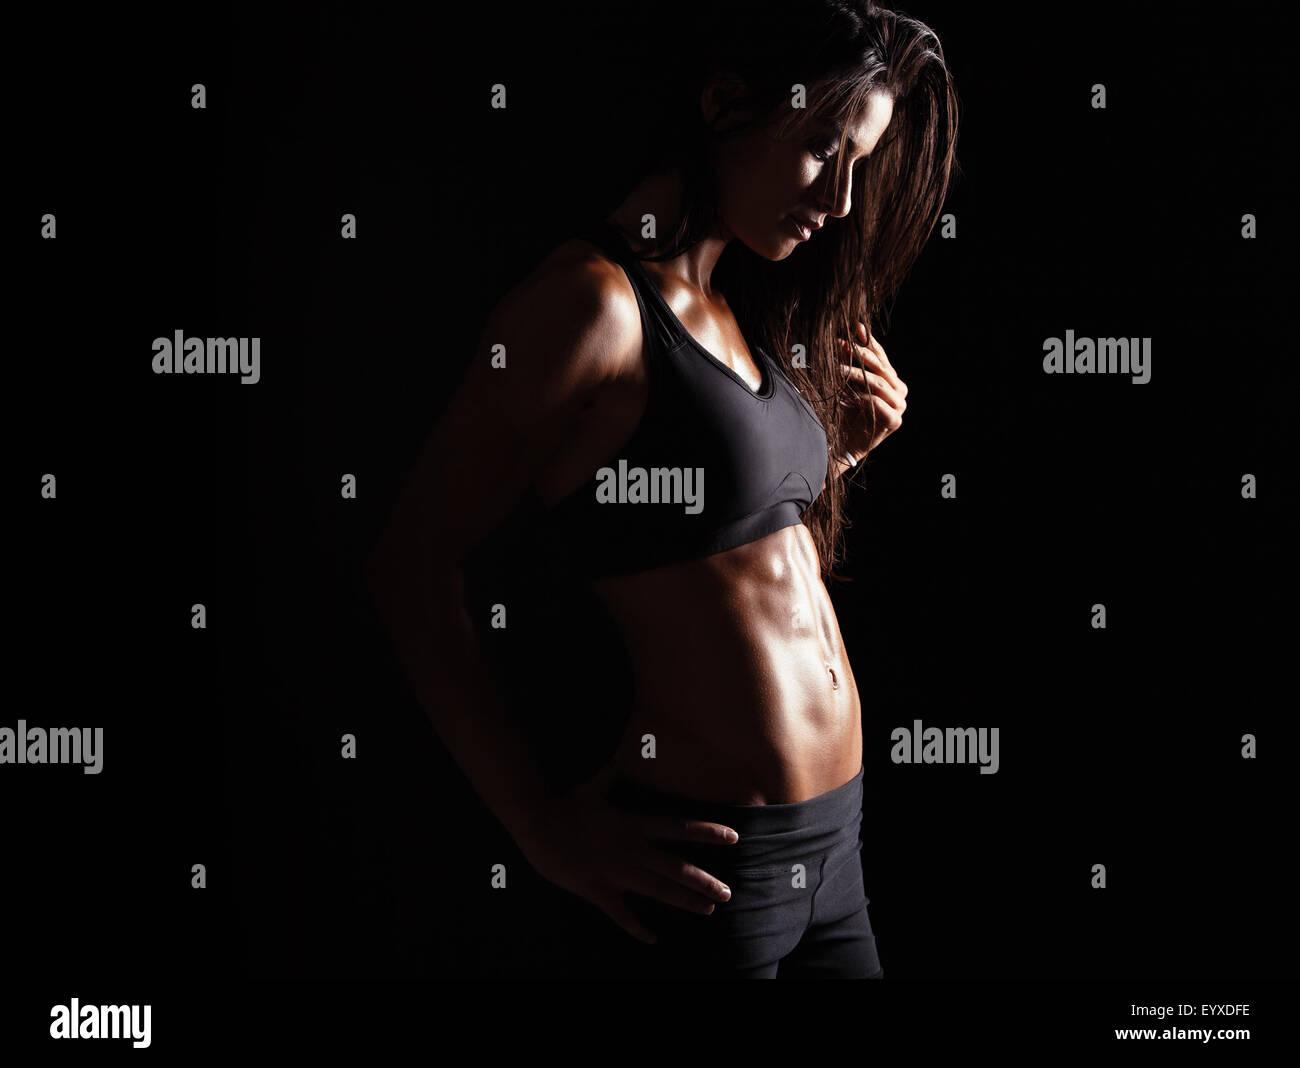 Image des femmes dans les vêtements de sport relaxant après entraînement sur fond noir. Corps féminin Photo Stock